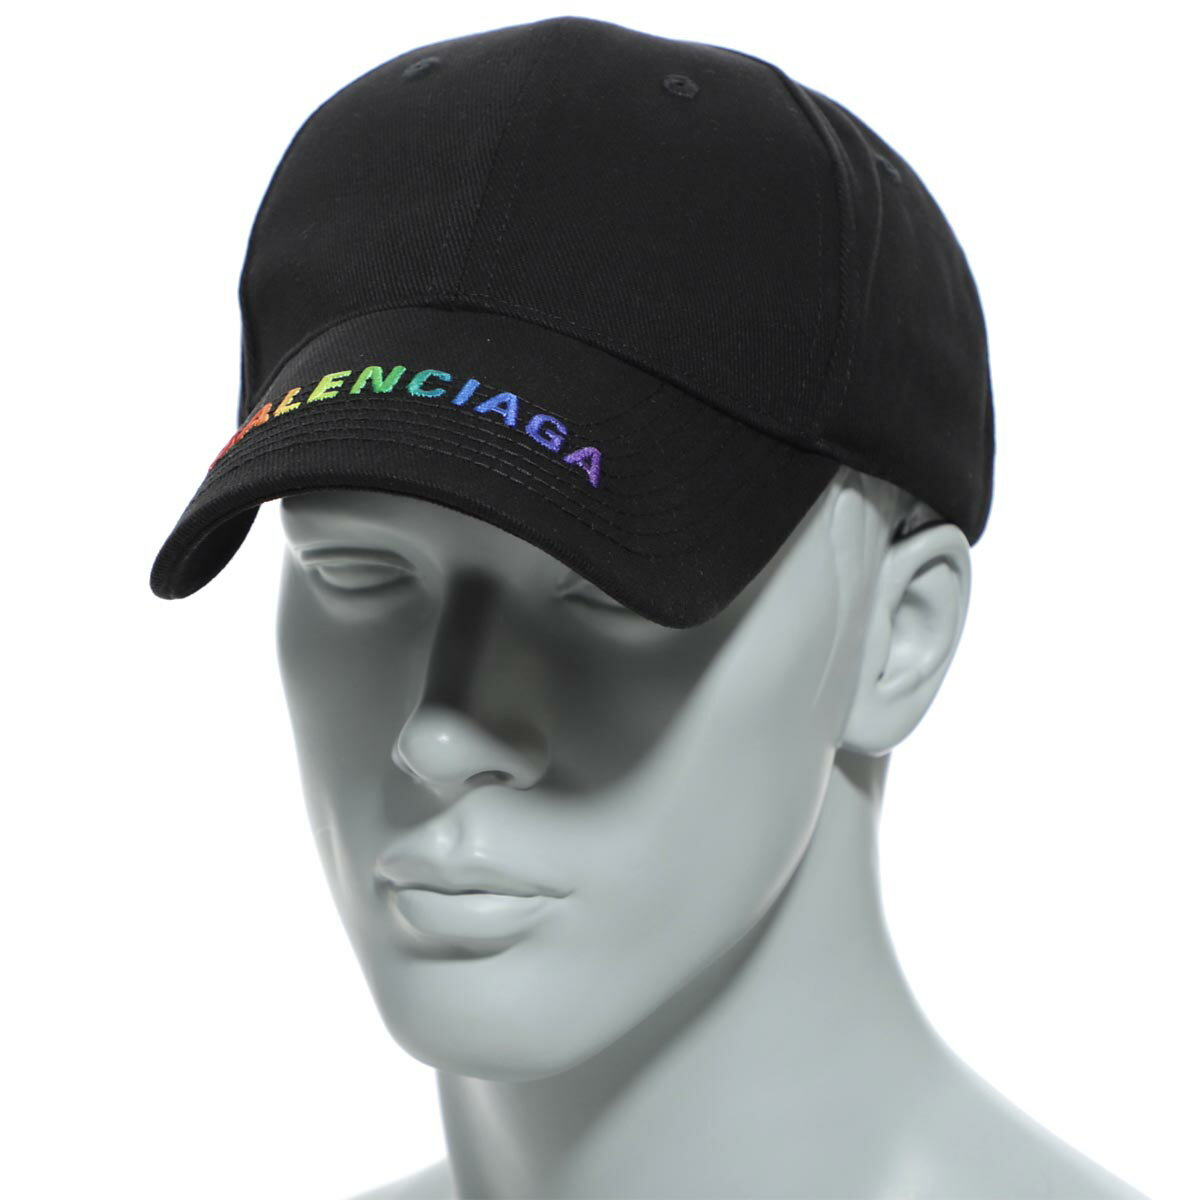 メンズ帽子, キャップ  BALENCIAGA 564206 410b2 1000 HAT RAINBOW VISER CAP